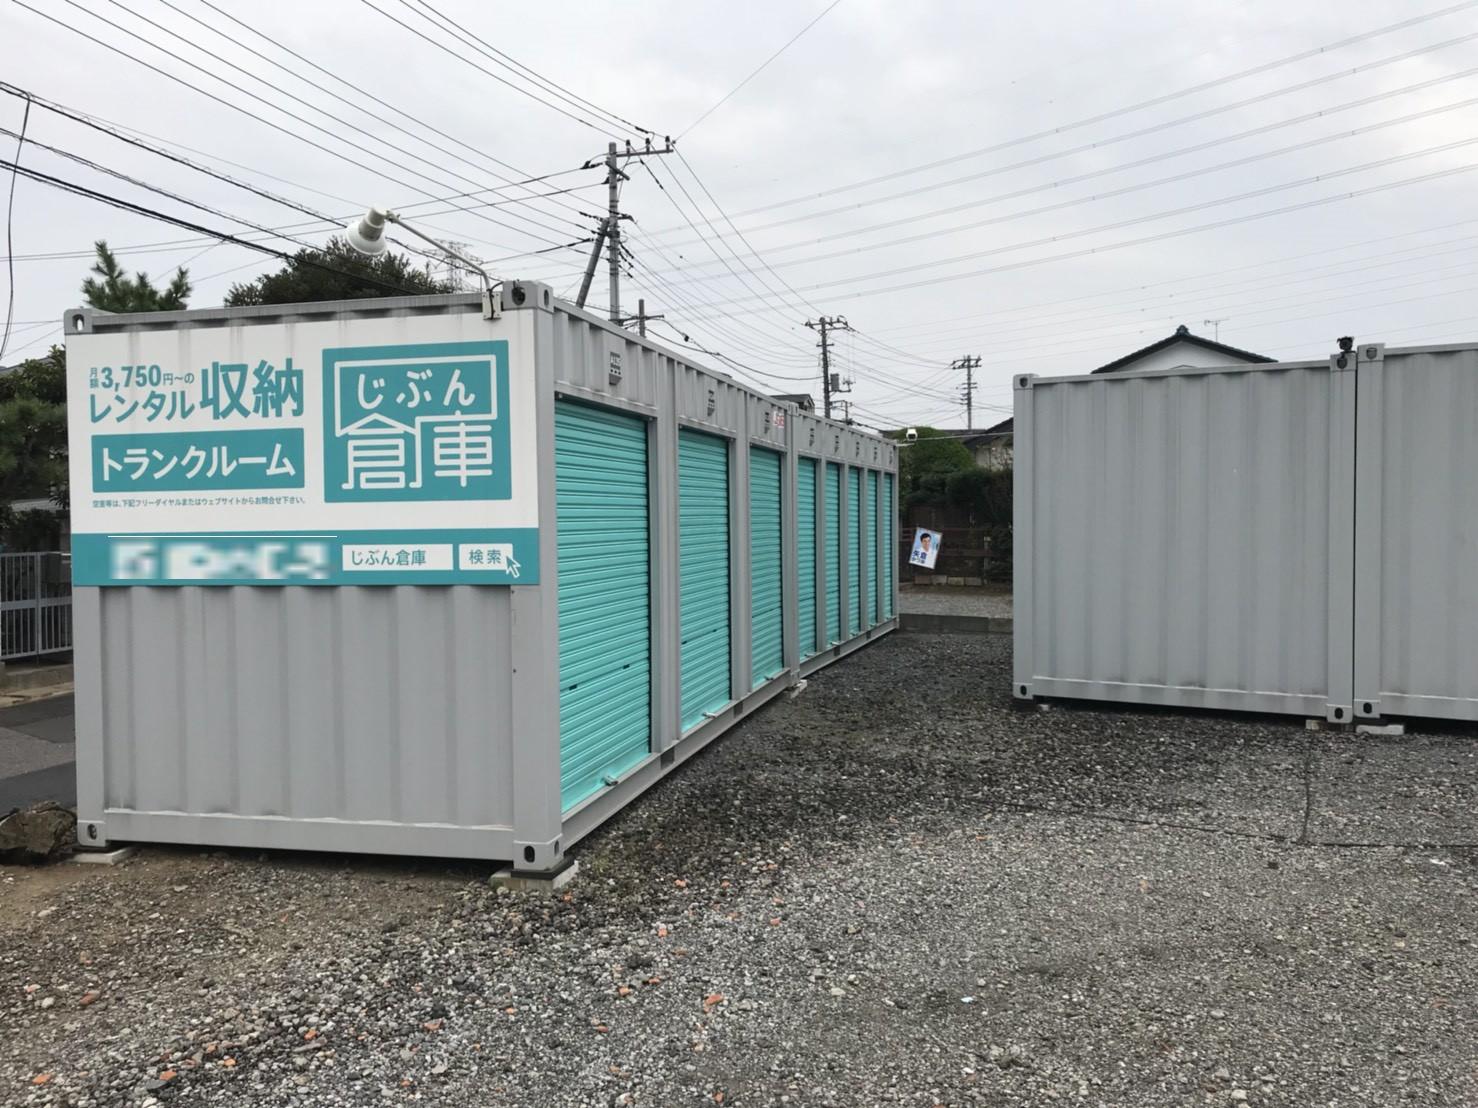 埼玉県 春日部市 西八木崎